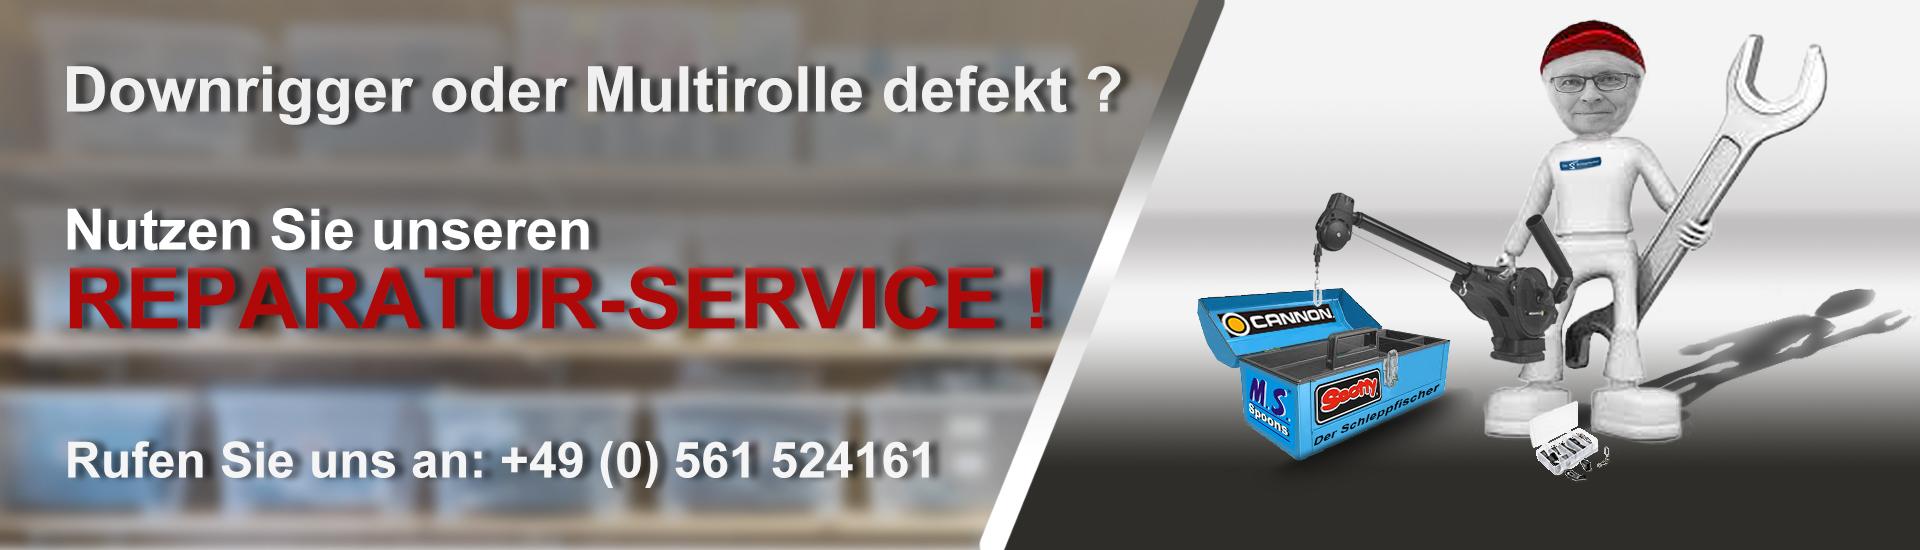 Reparatur-Service